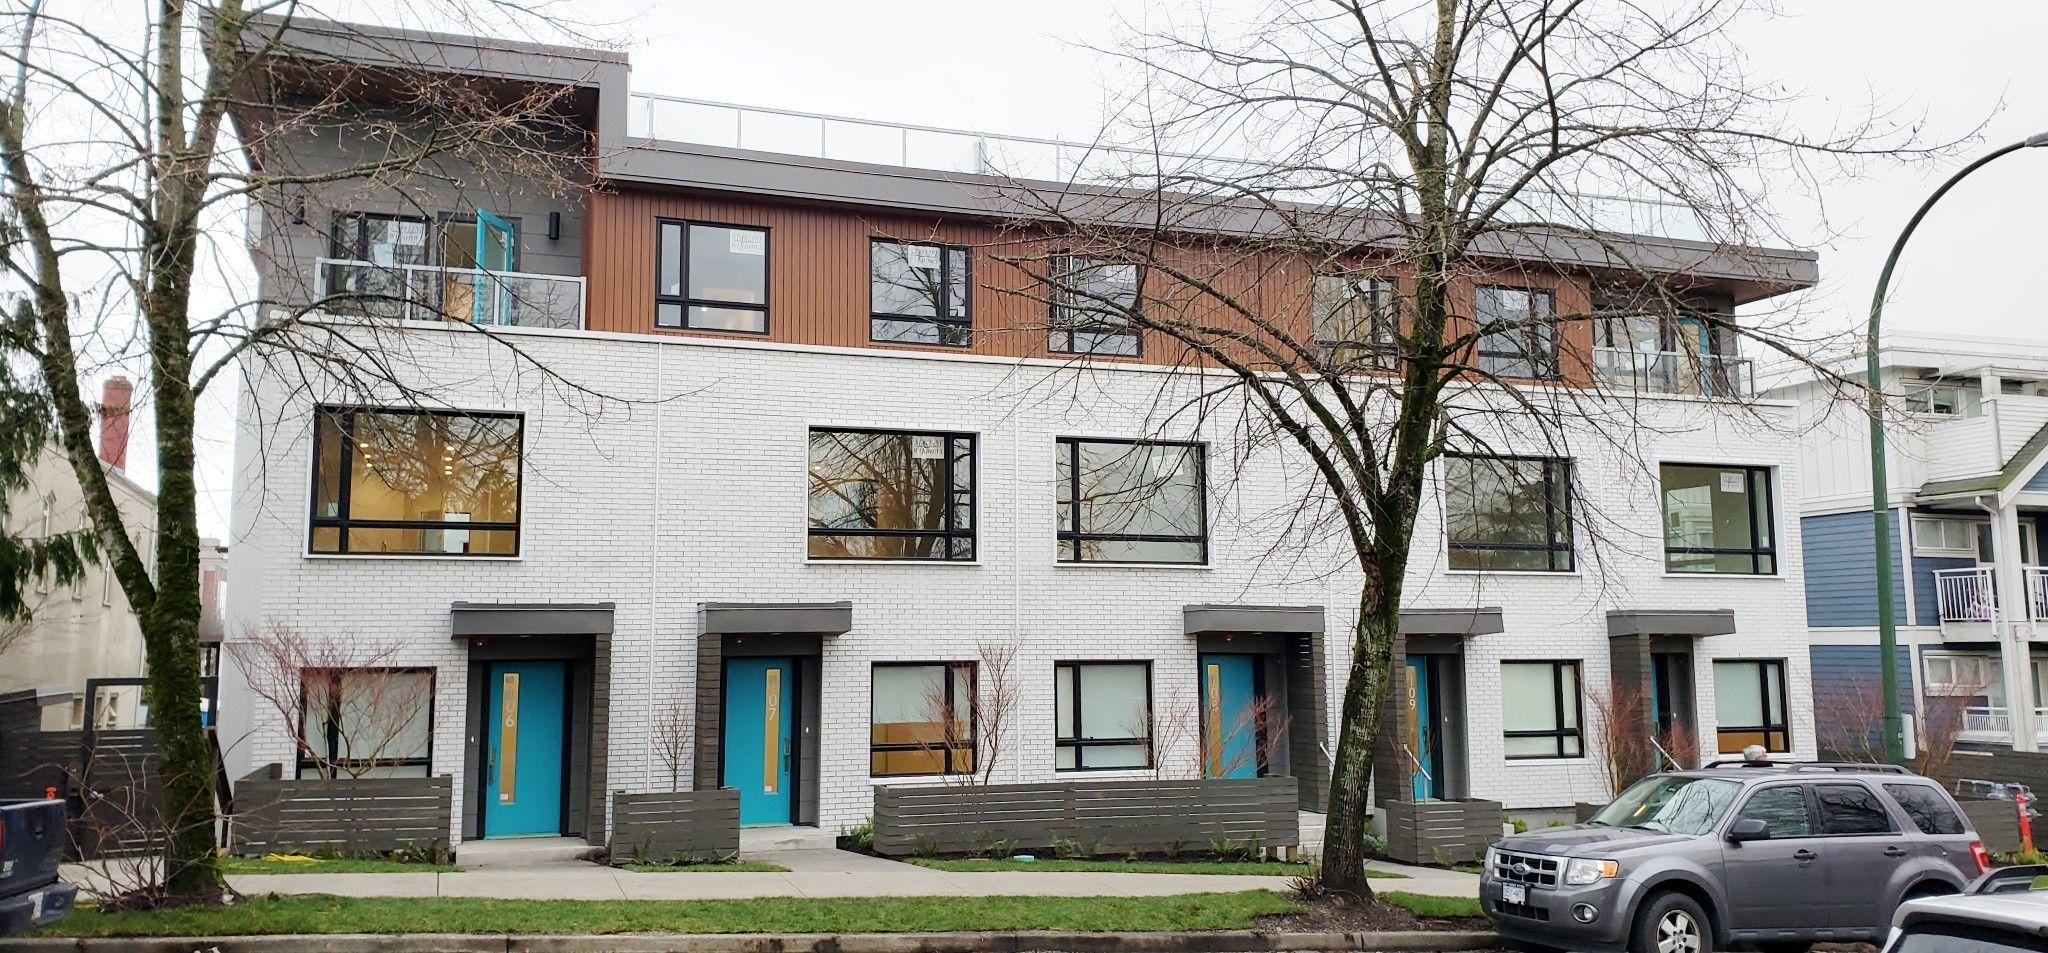 Main Photo: 311 E 16 Avenue in Vancouver: Main Street Condo for rent ()